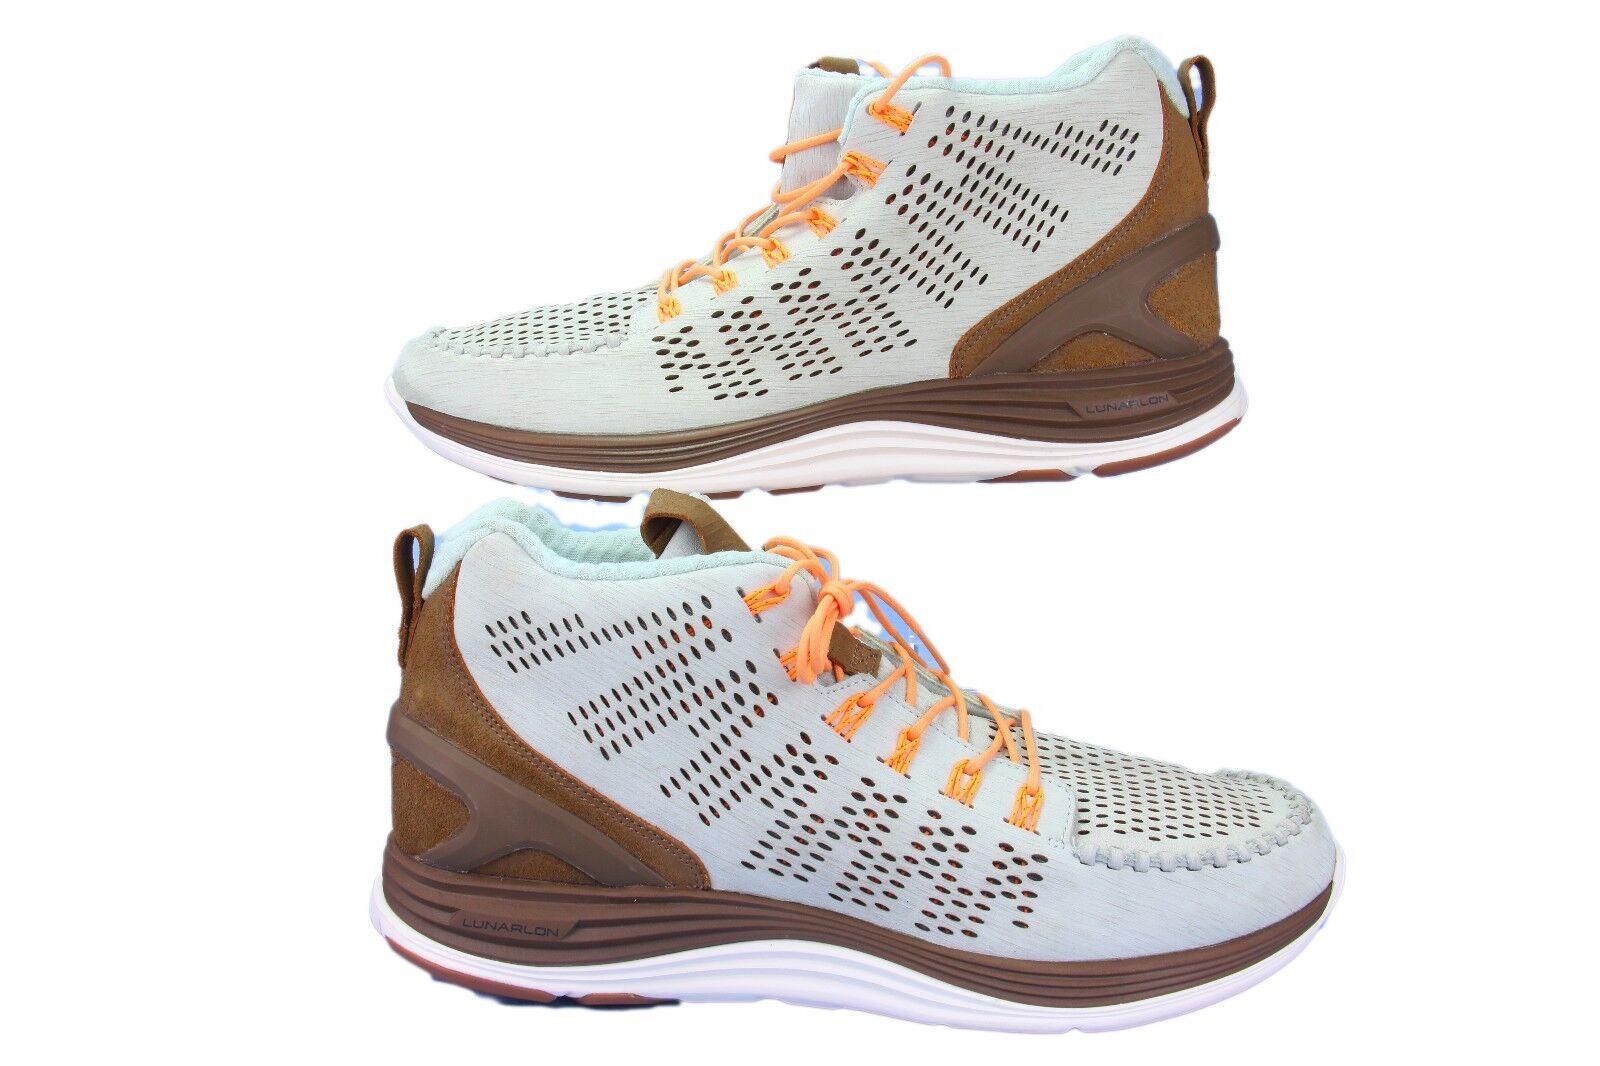 Nike kd 6 vi squadra d'elite scarpe 642838-400 Uomo kevin durant okc thunder